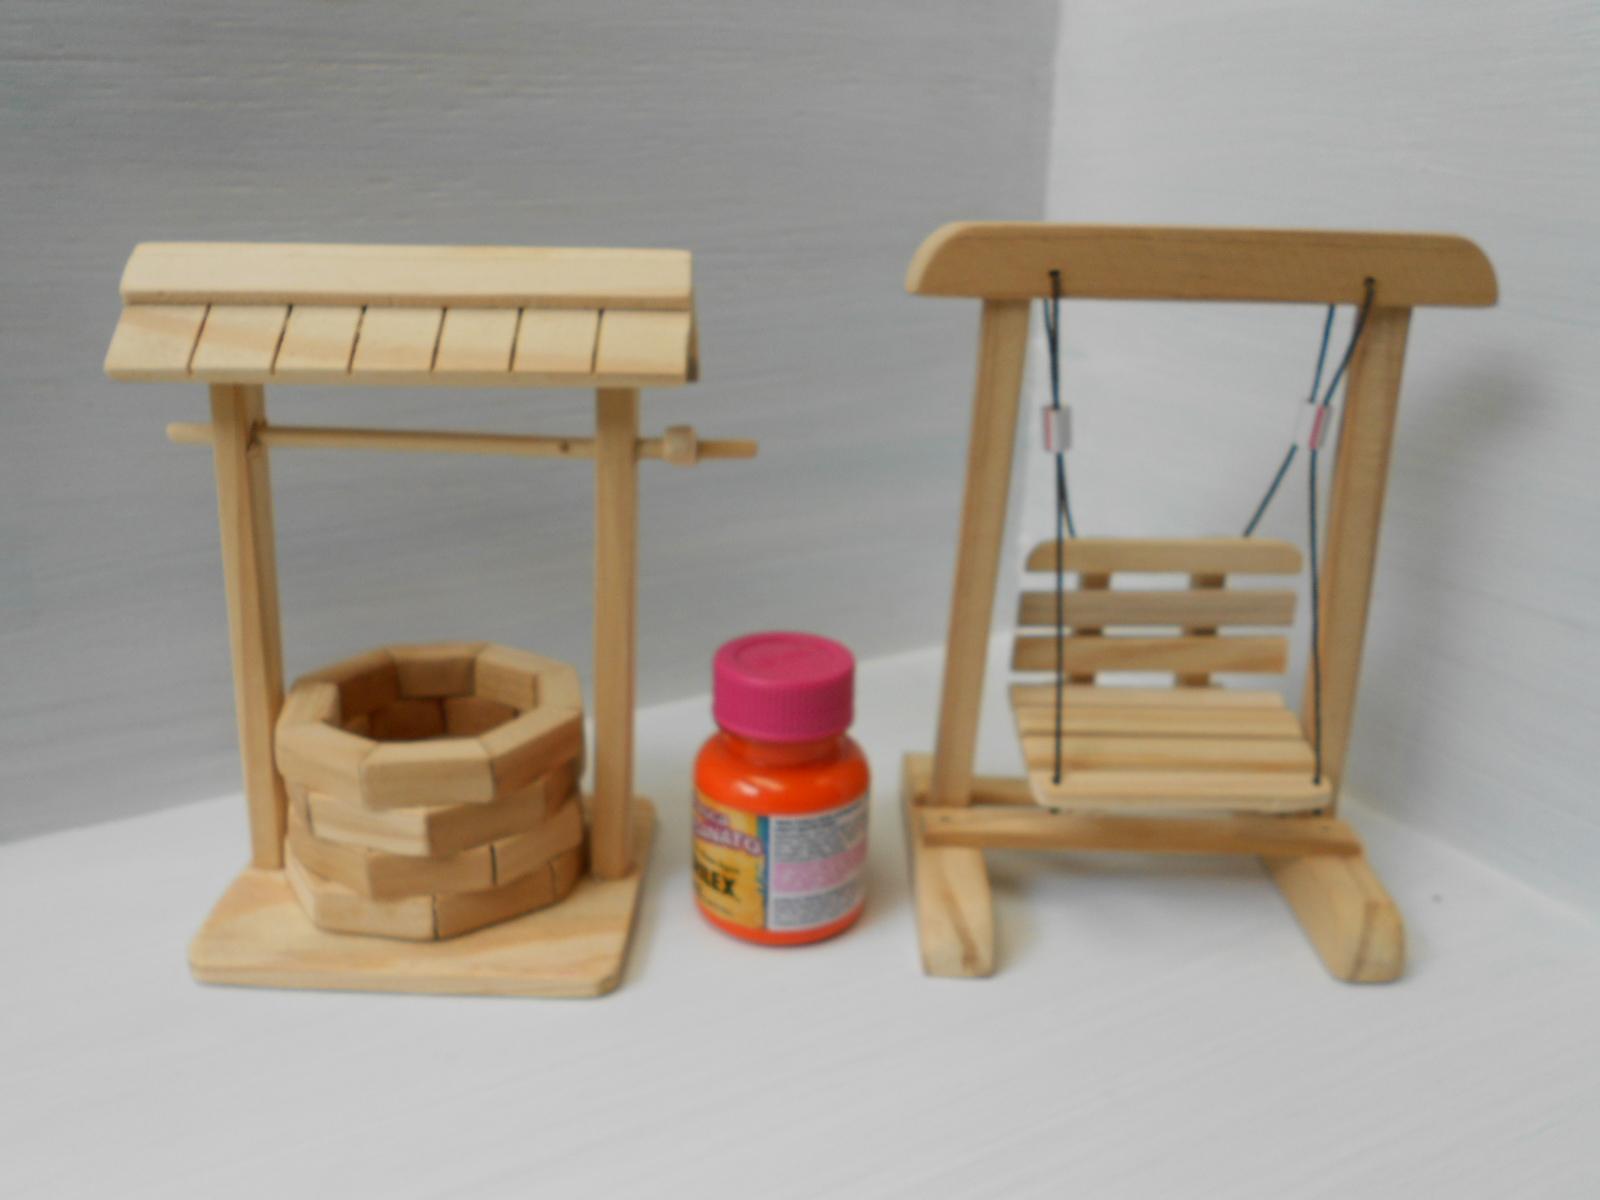 poco e balanco miniatura kit miniatura poco e balanco brinquedo #B23219 1600x1200